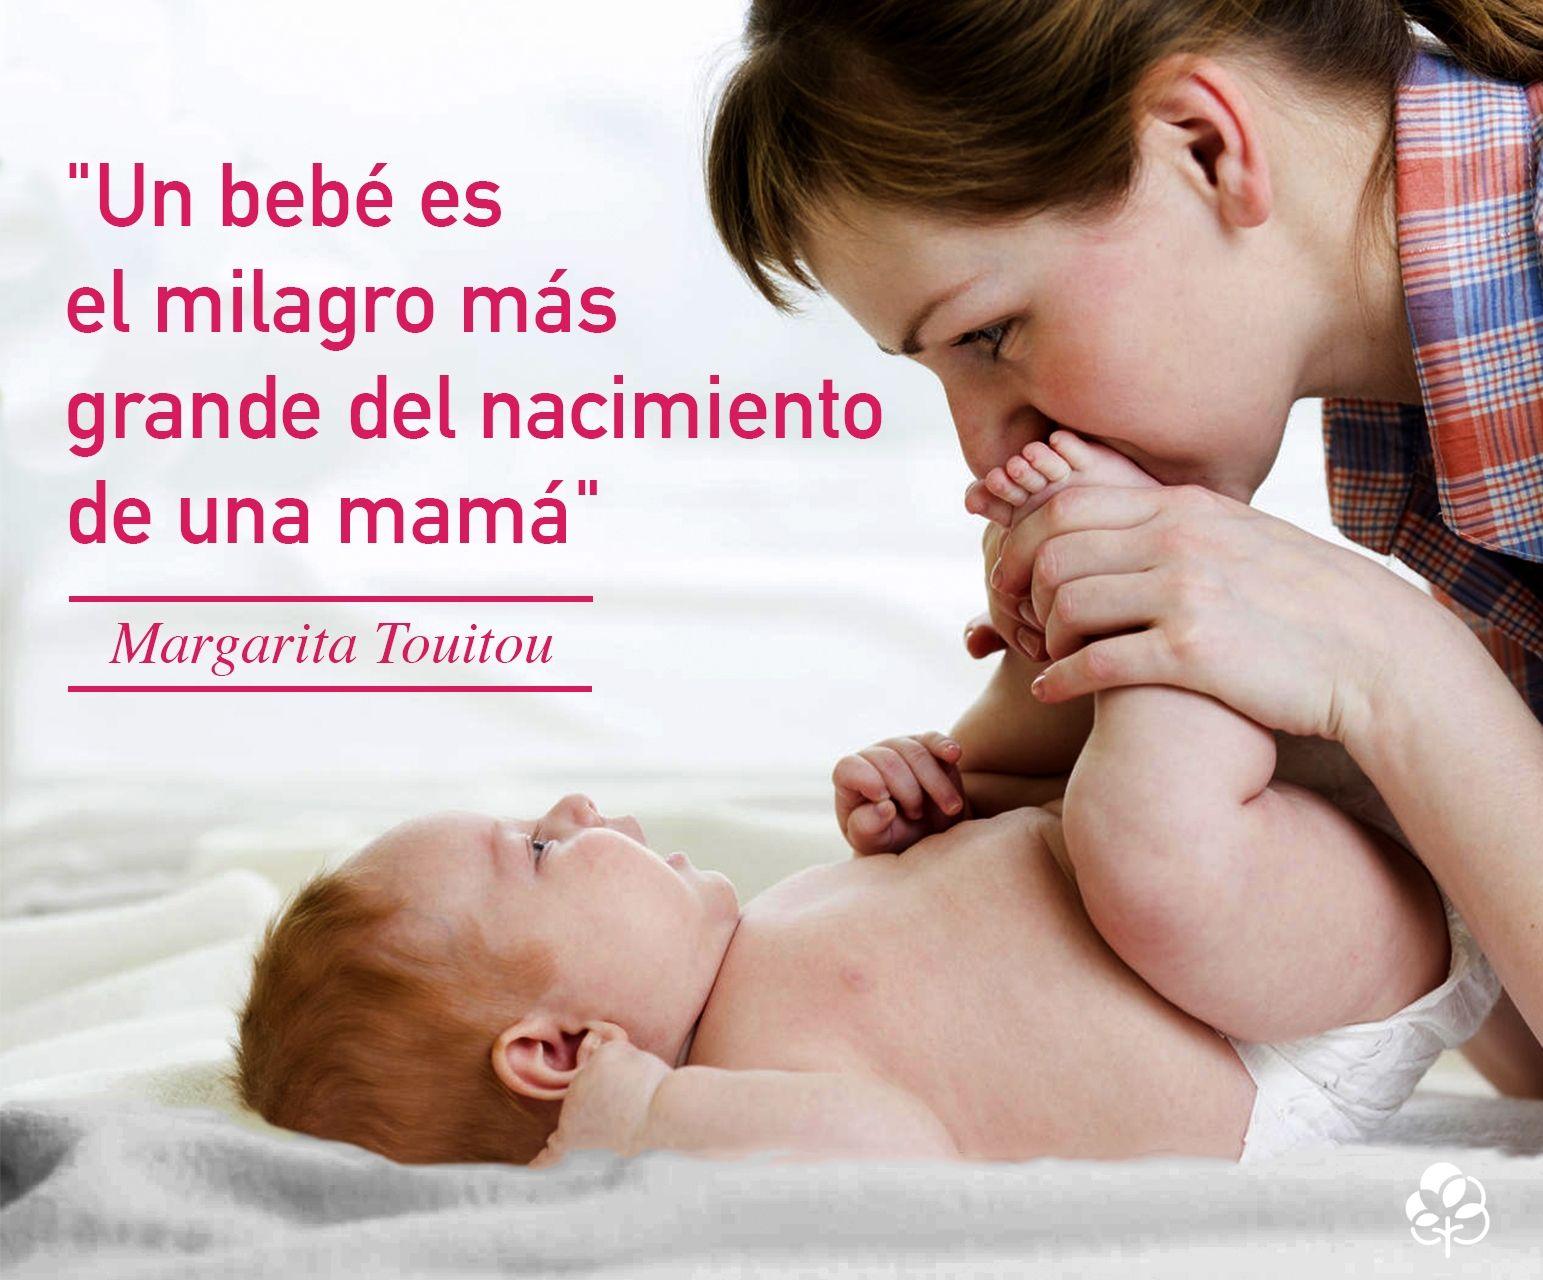 15 Frases De Amor De Madre Amor De Madre Dia De Las Madres Frases Cortas Para Dedicar